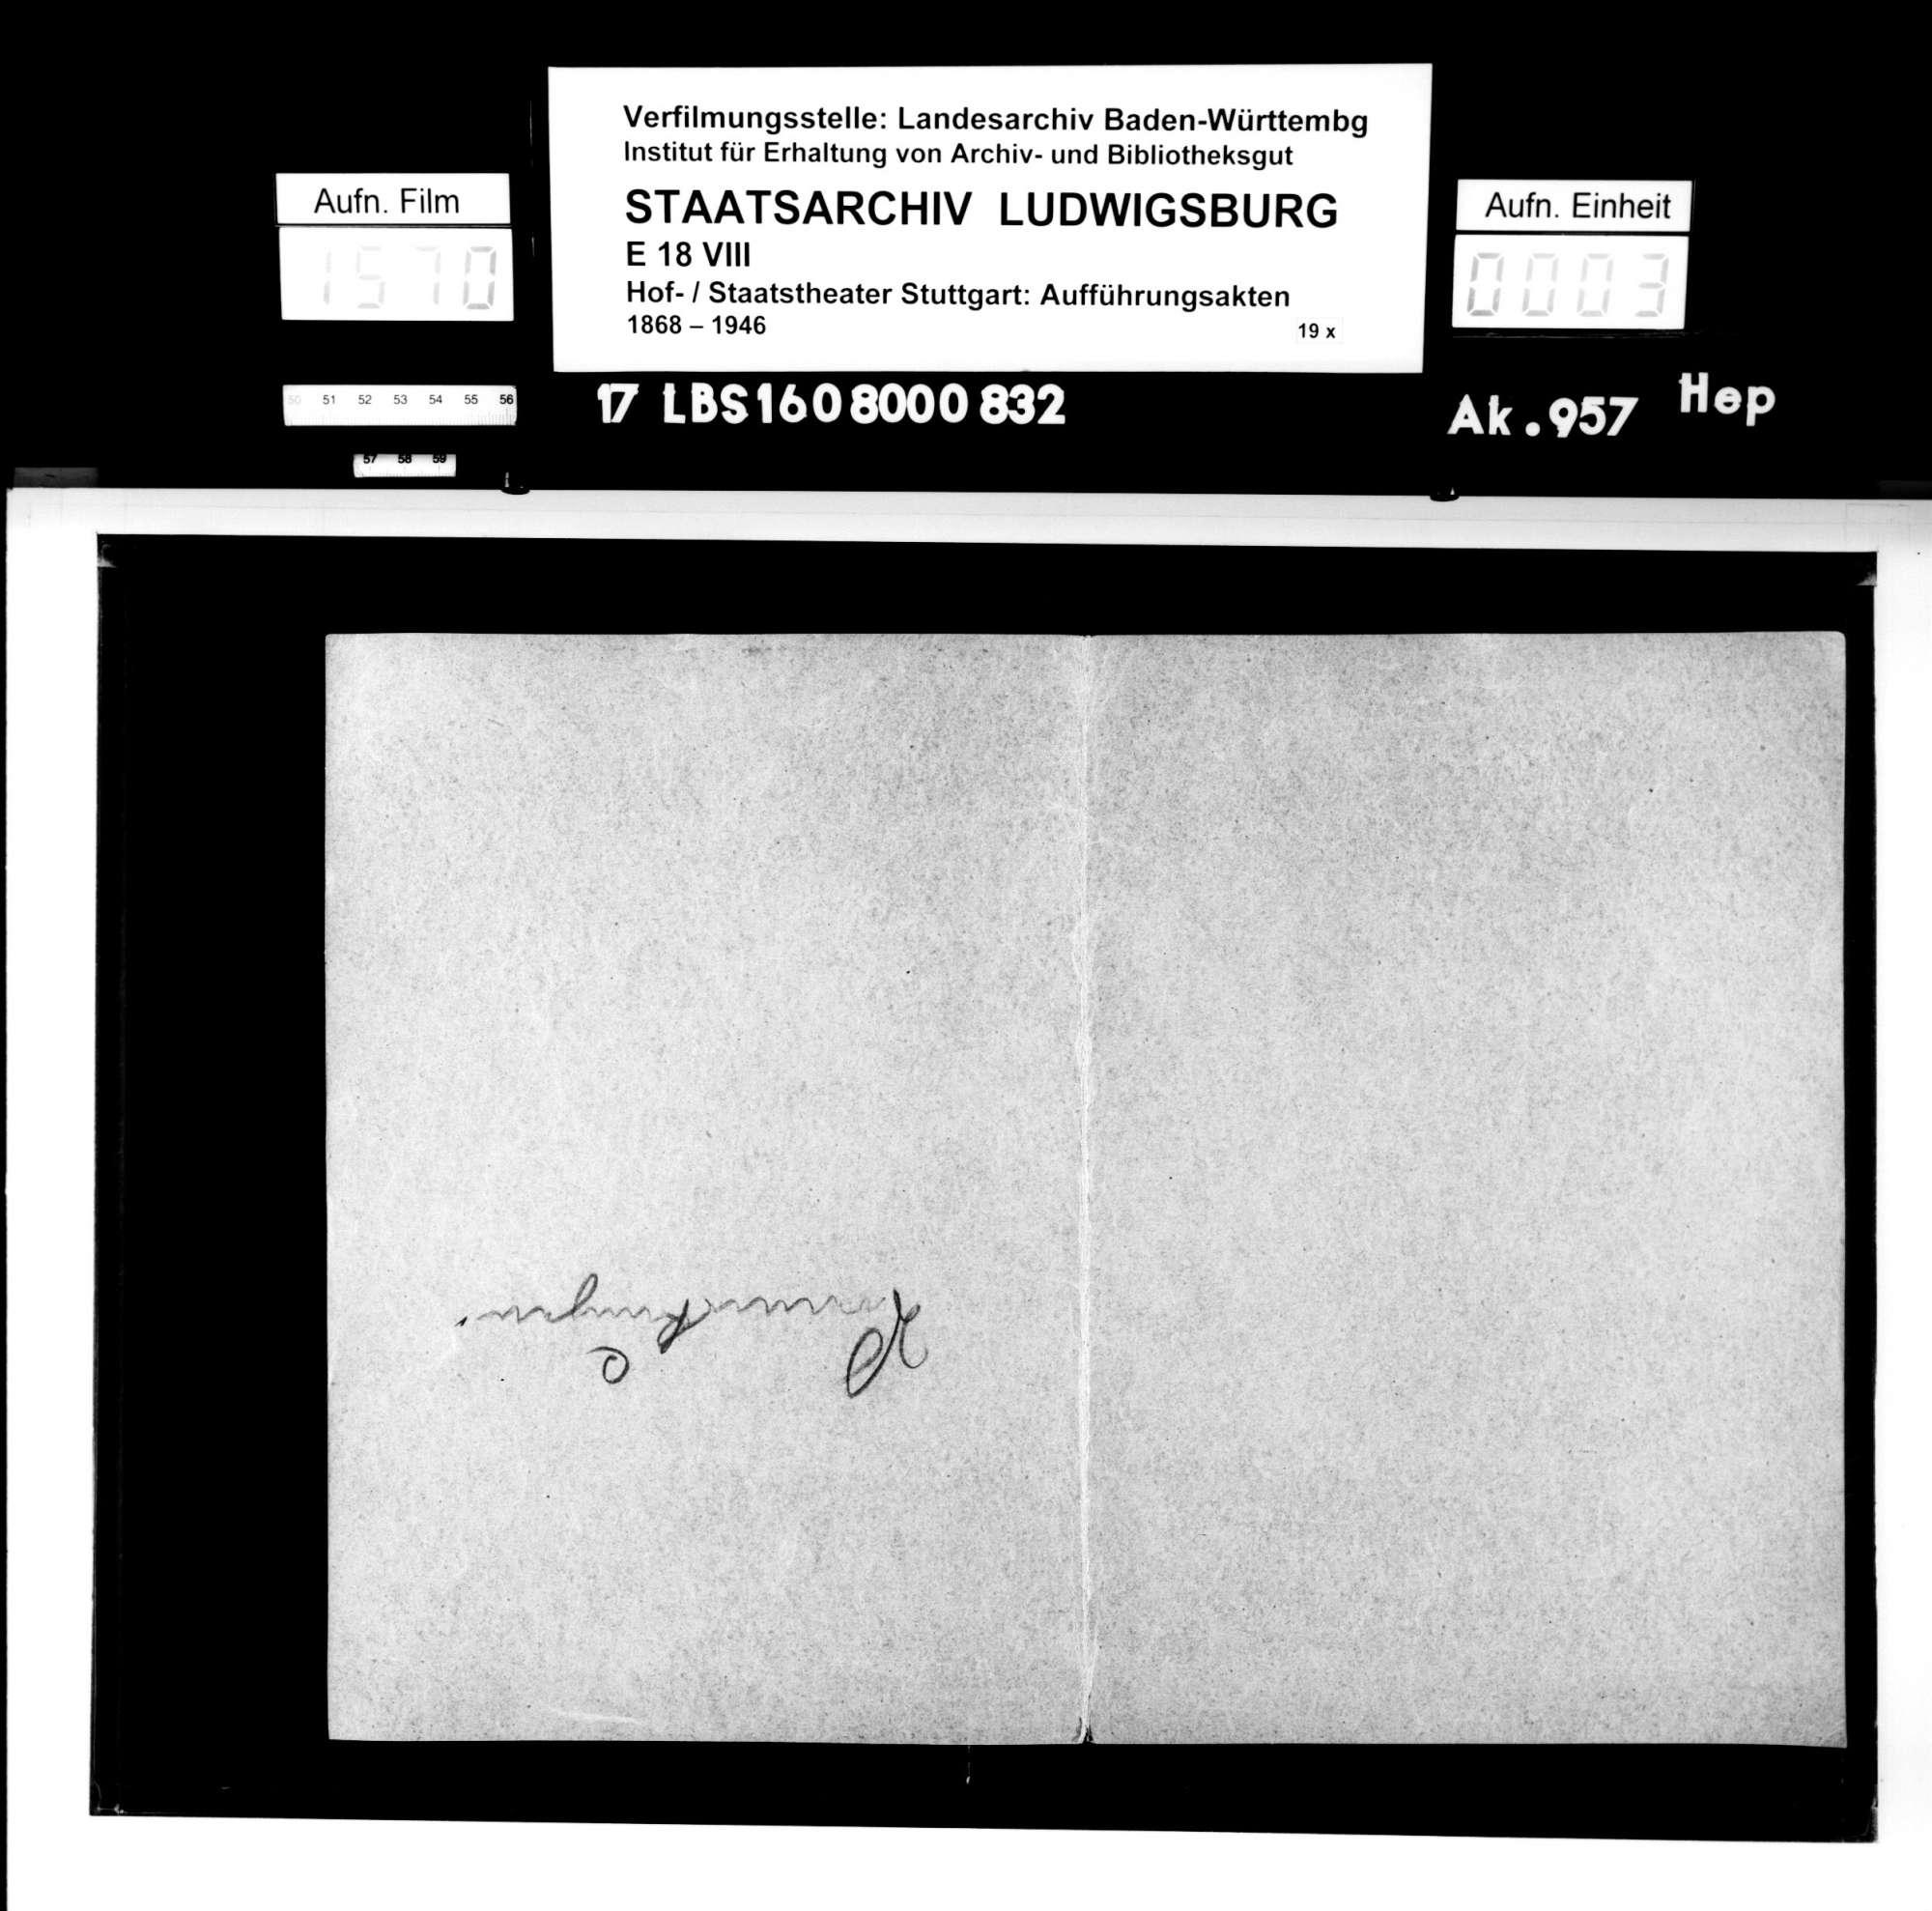 Orestie. Schauspiel von Karl Gustav Vollmöller; Musik: Einar Nilson, Bild 2